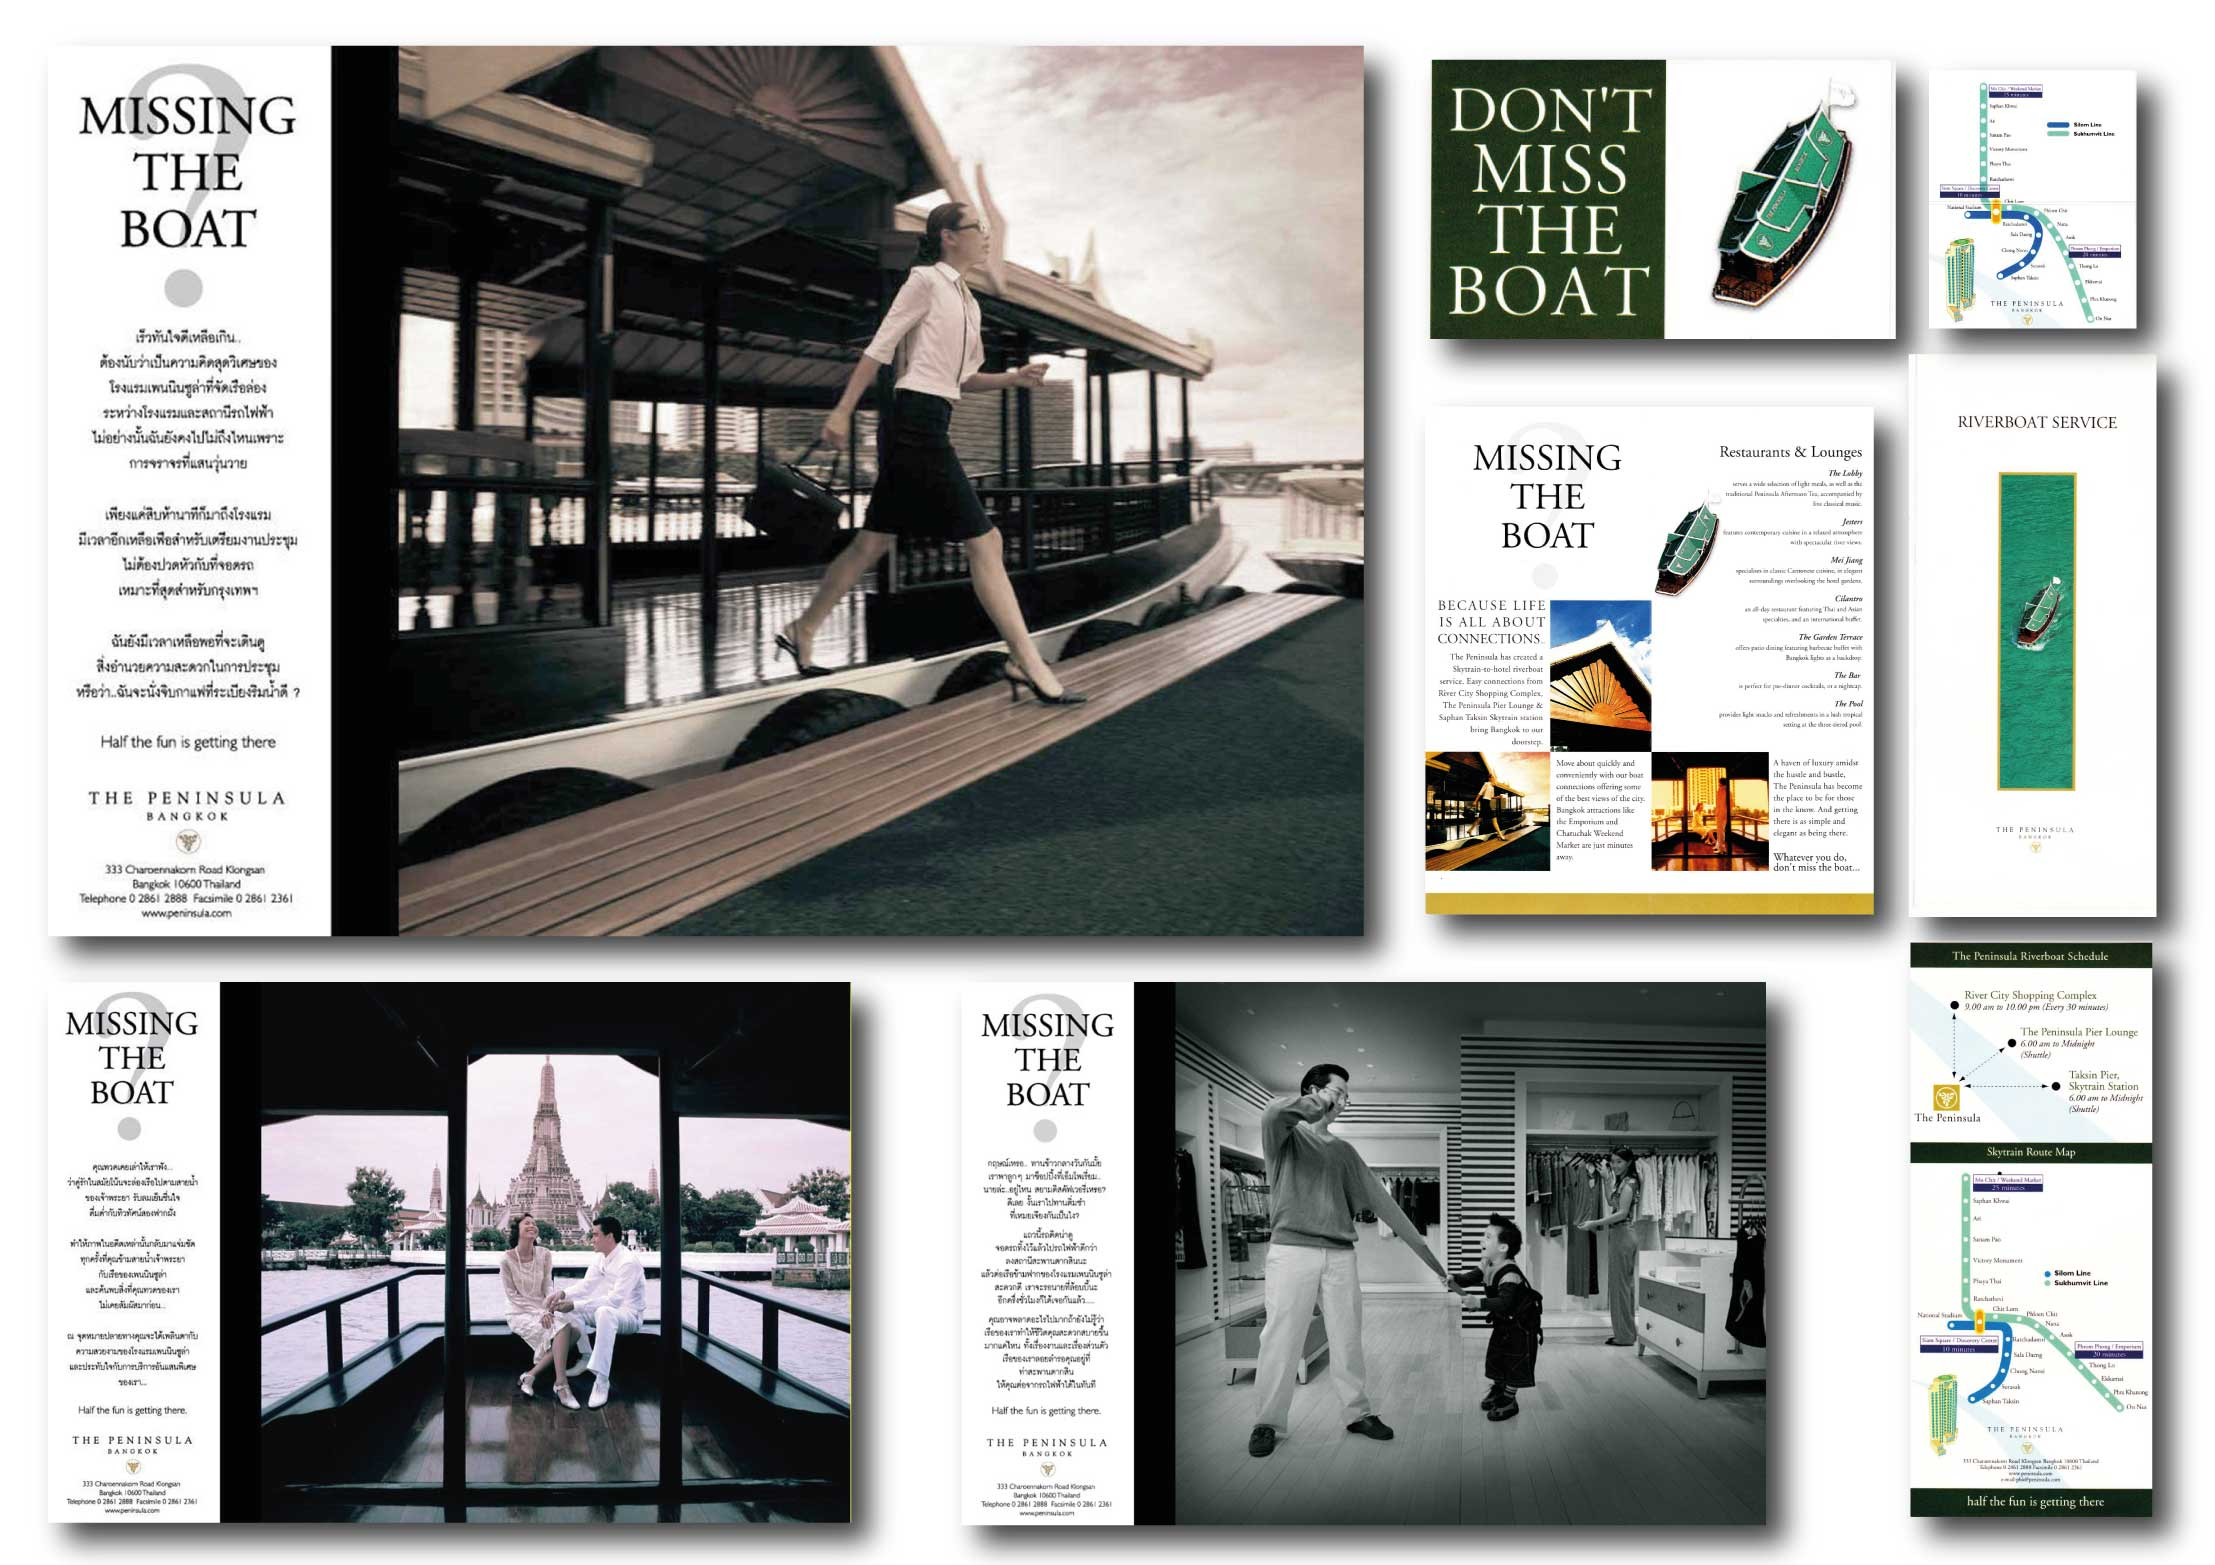 Peninsula Bangkok Boar Ferry